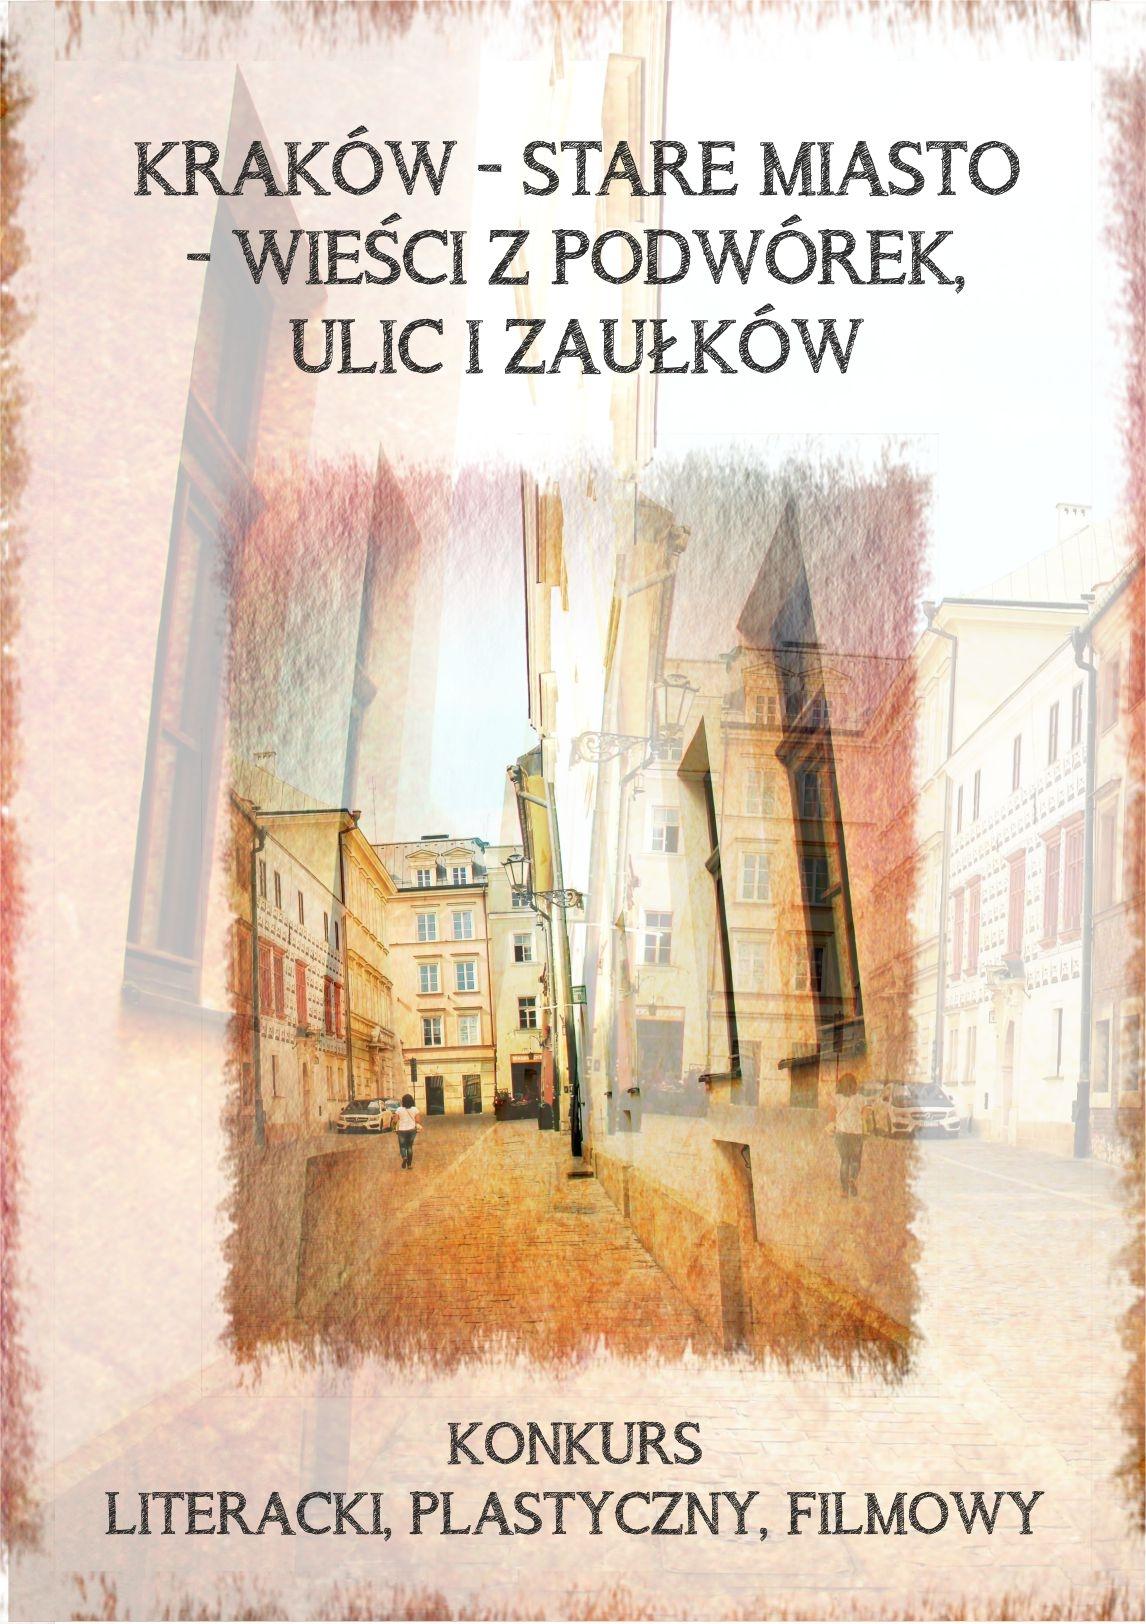 plakat konkursu Kraków Stare Masto wieści z podwórek